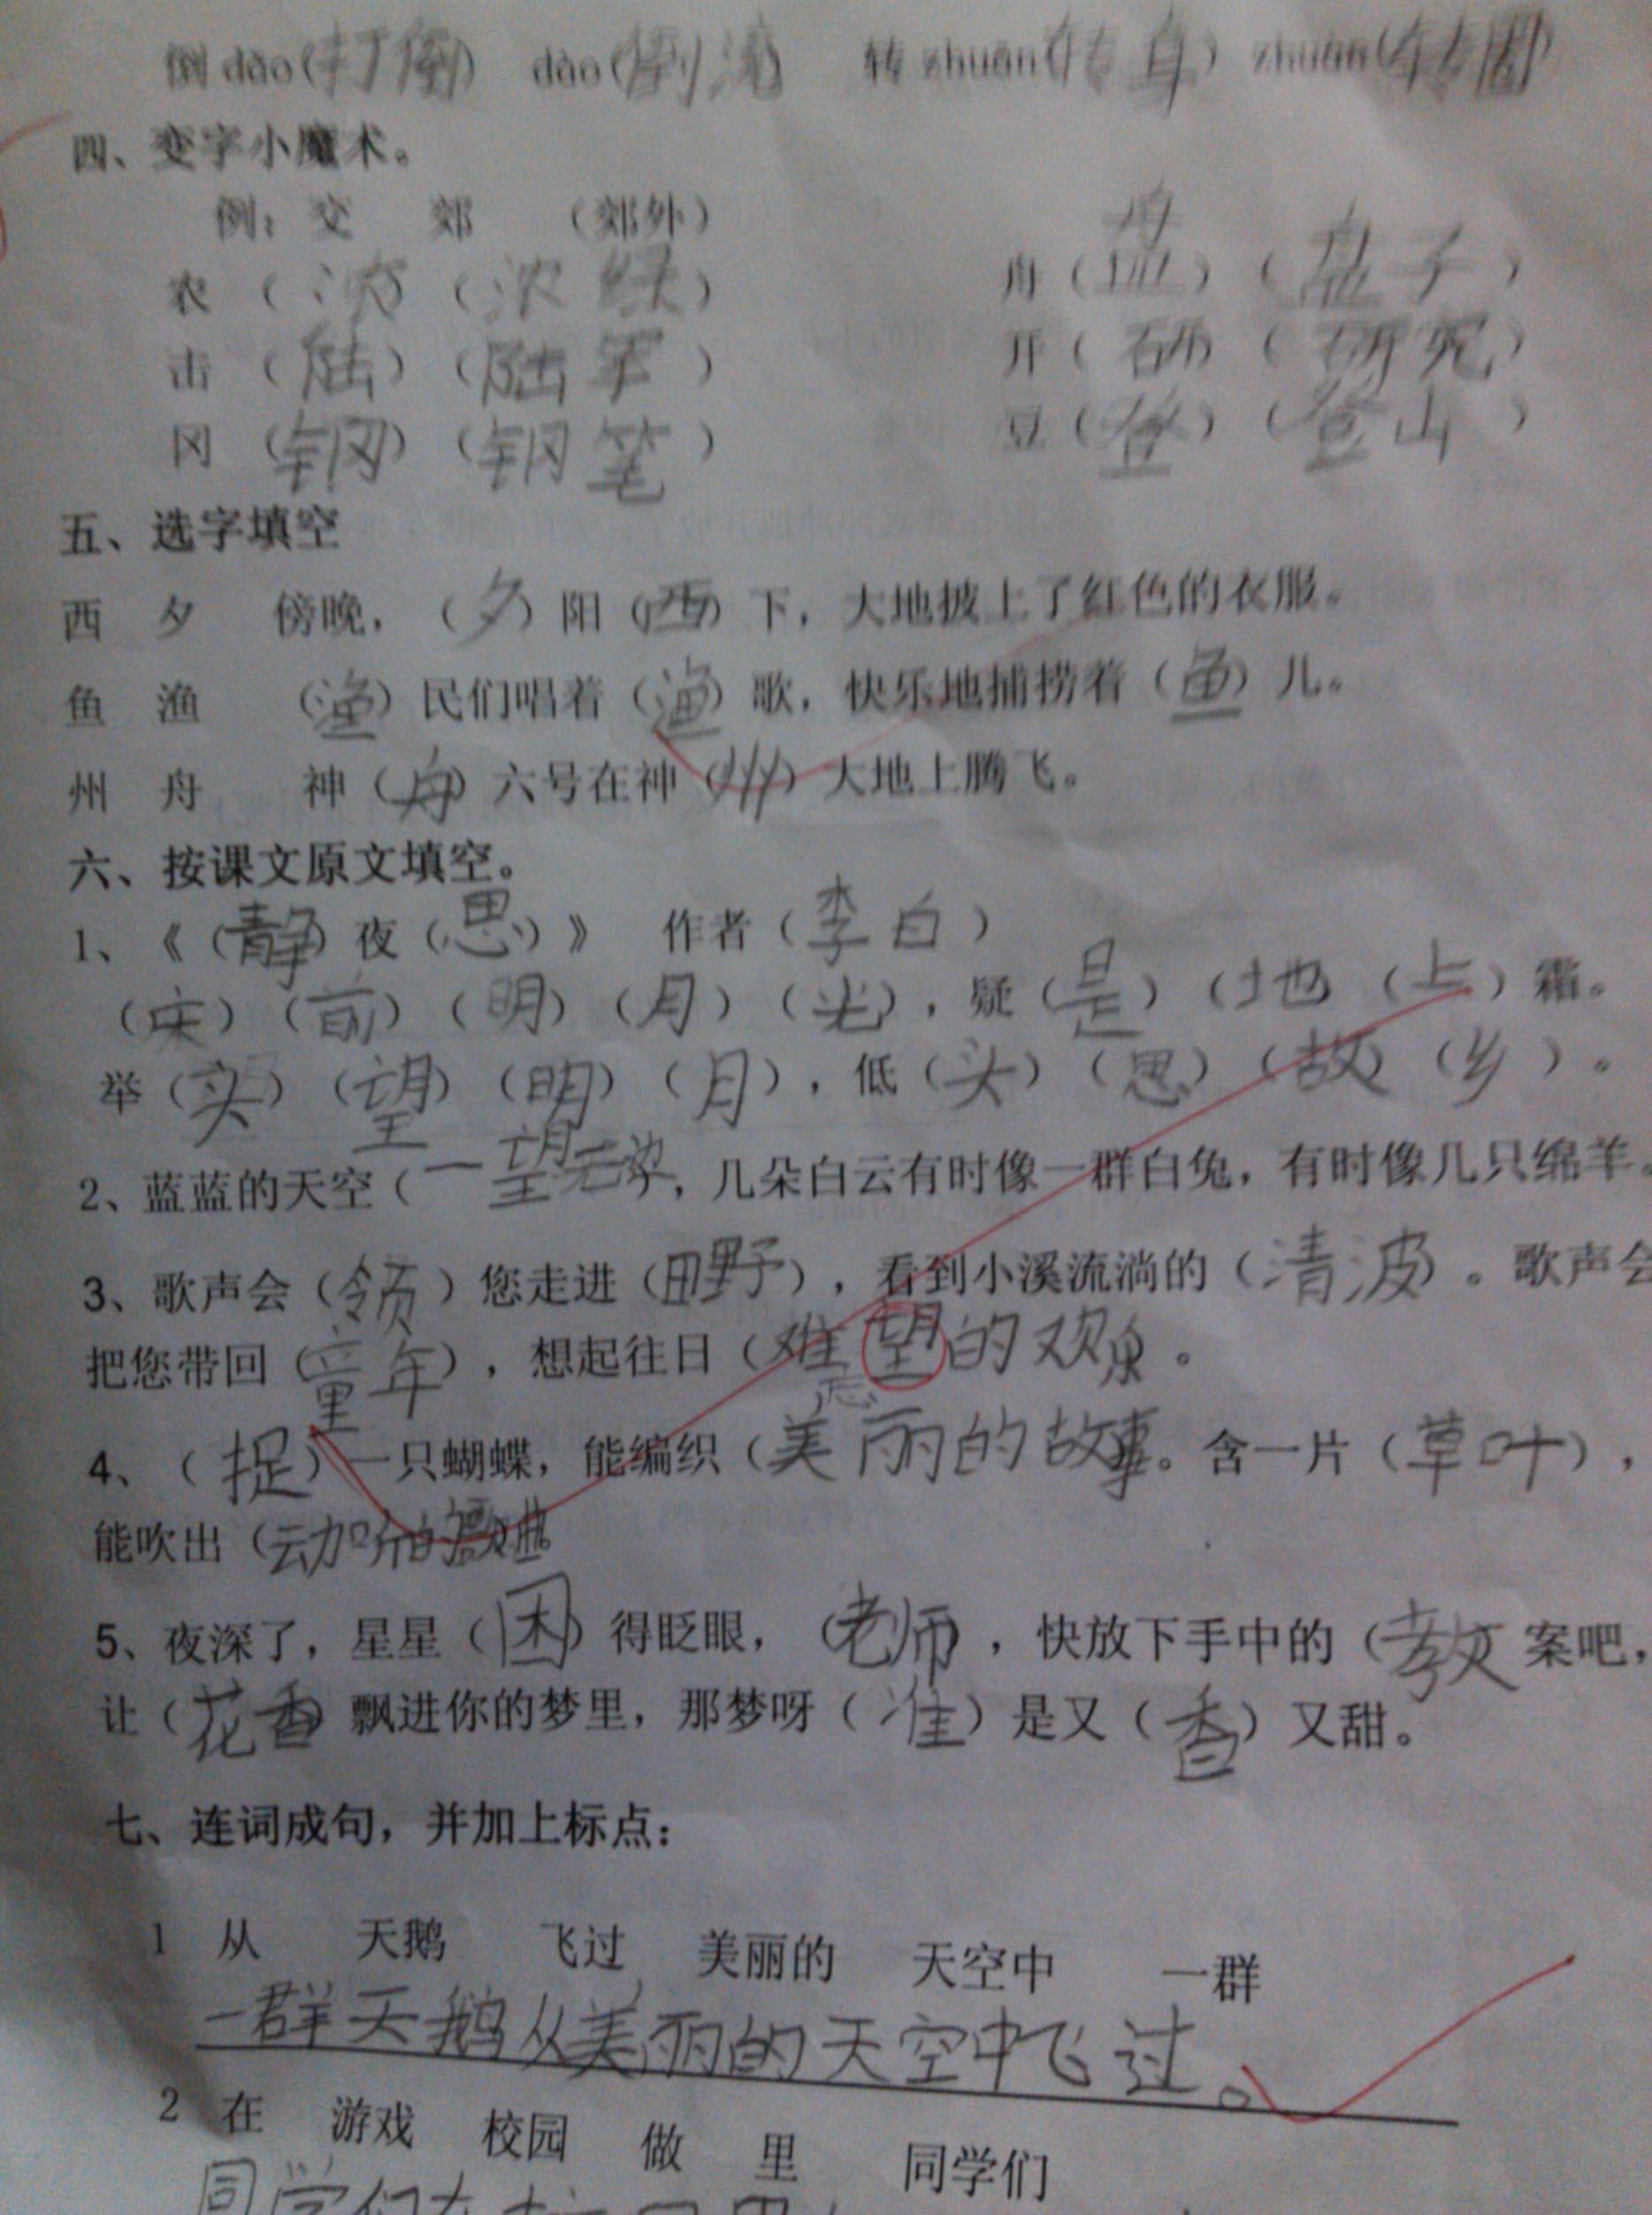 青岛市四方区南片2012-2013学年度第一学期二年级